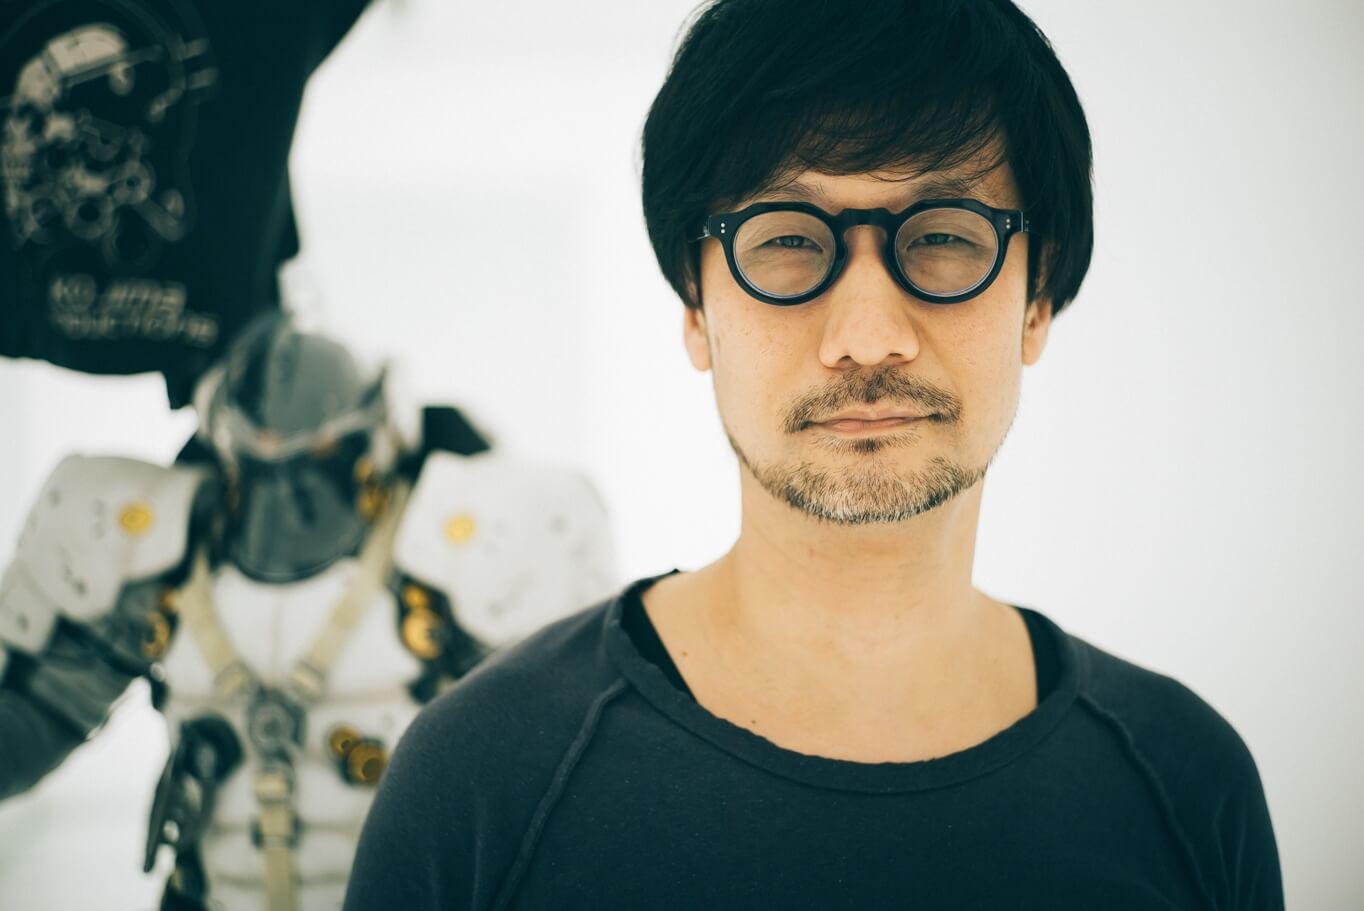 Фото: Kojima Productions / kojimaproductions.jp